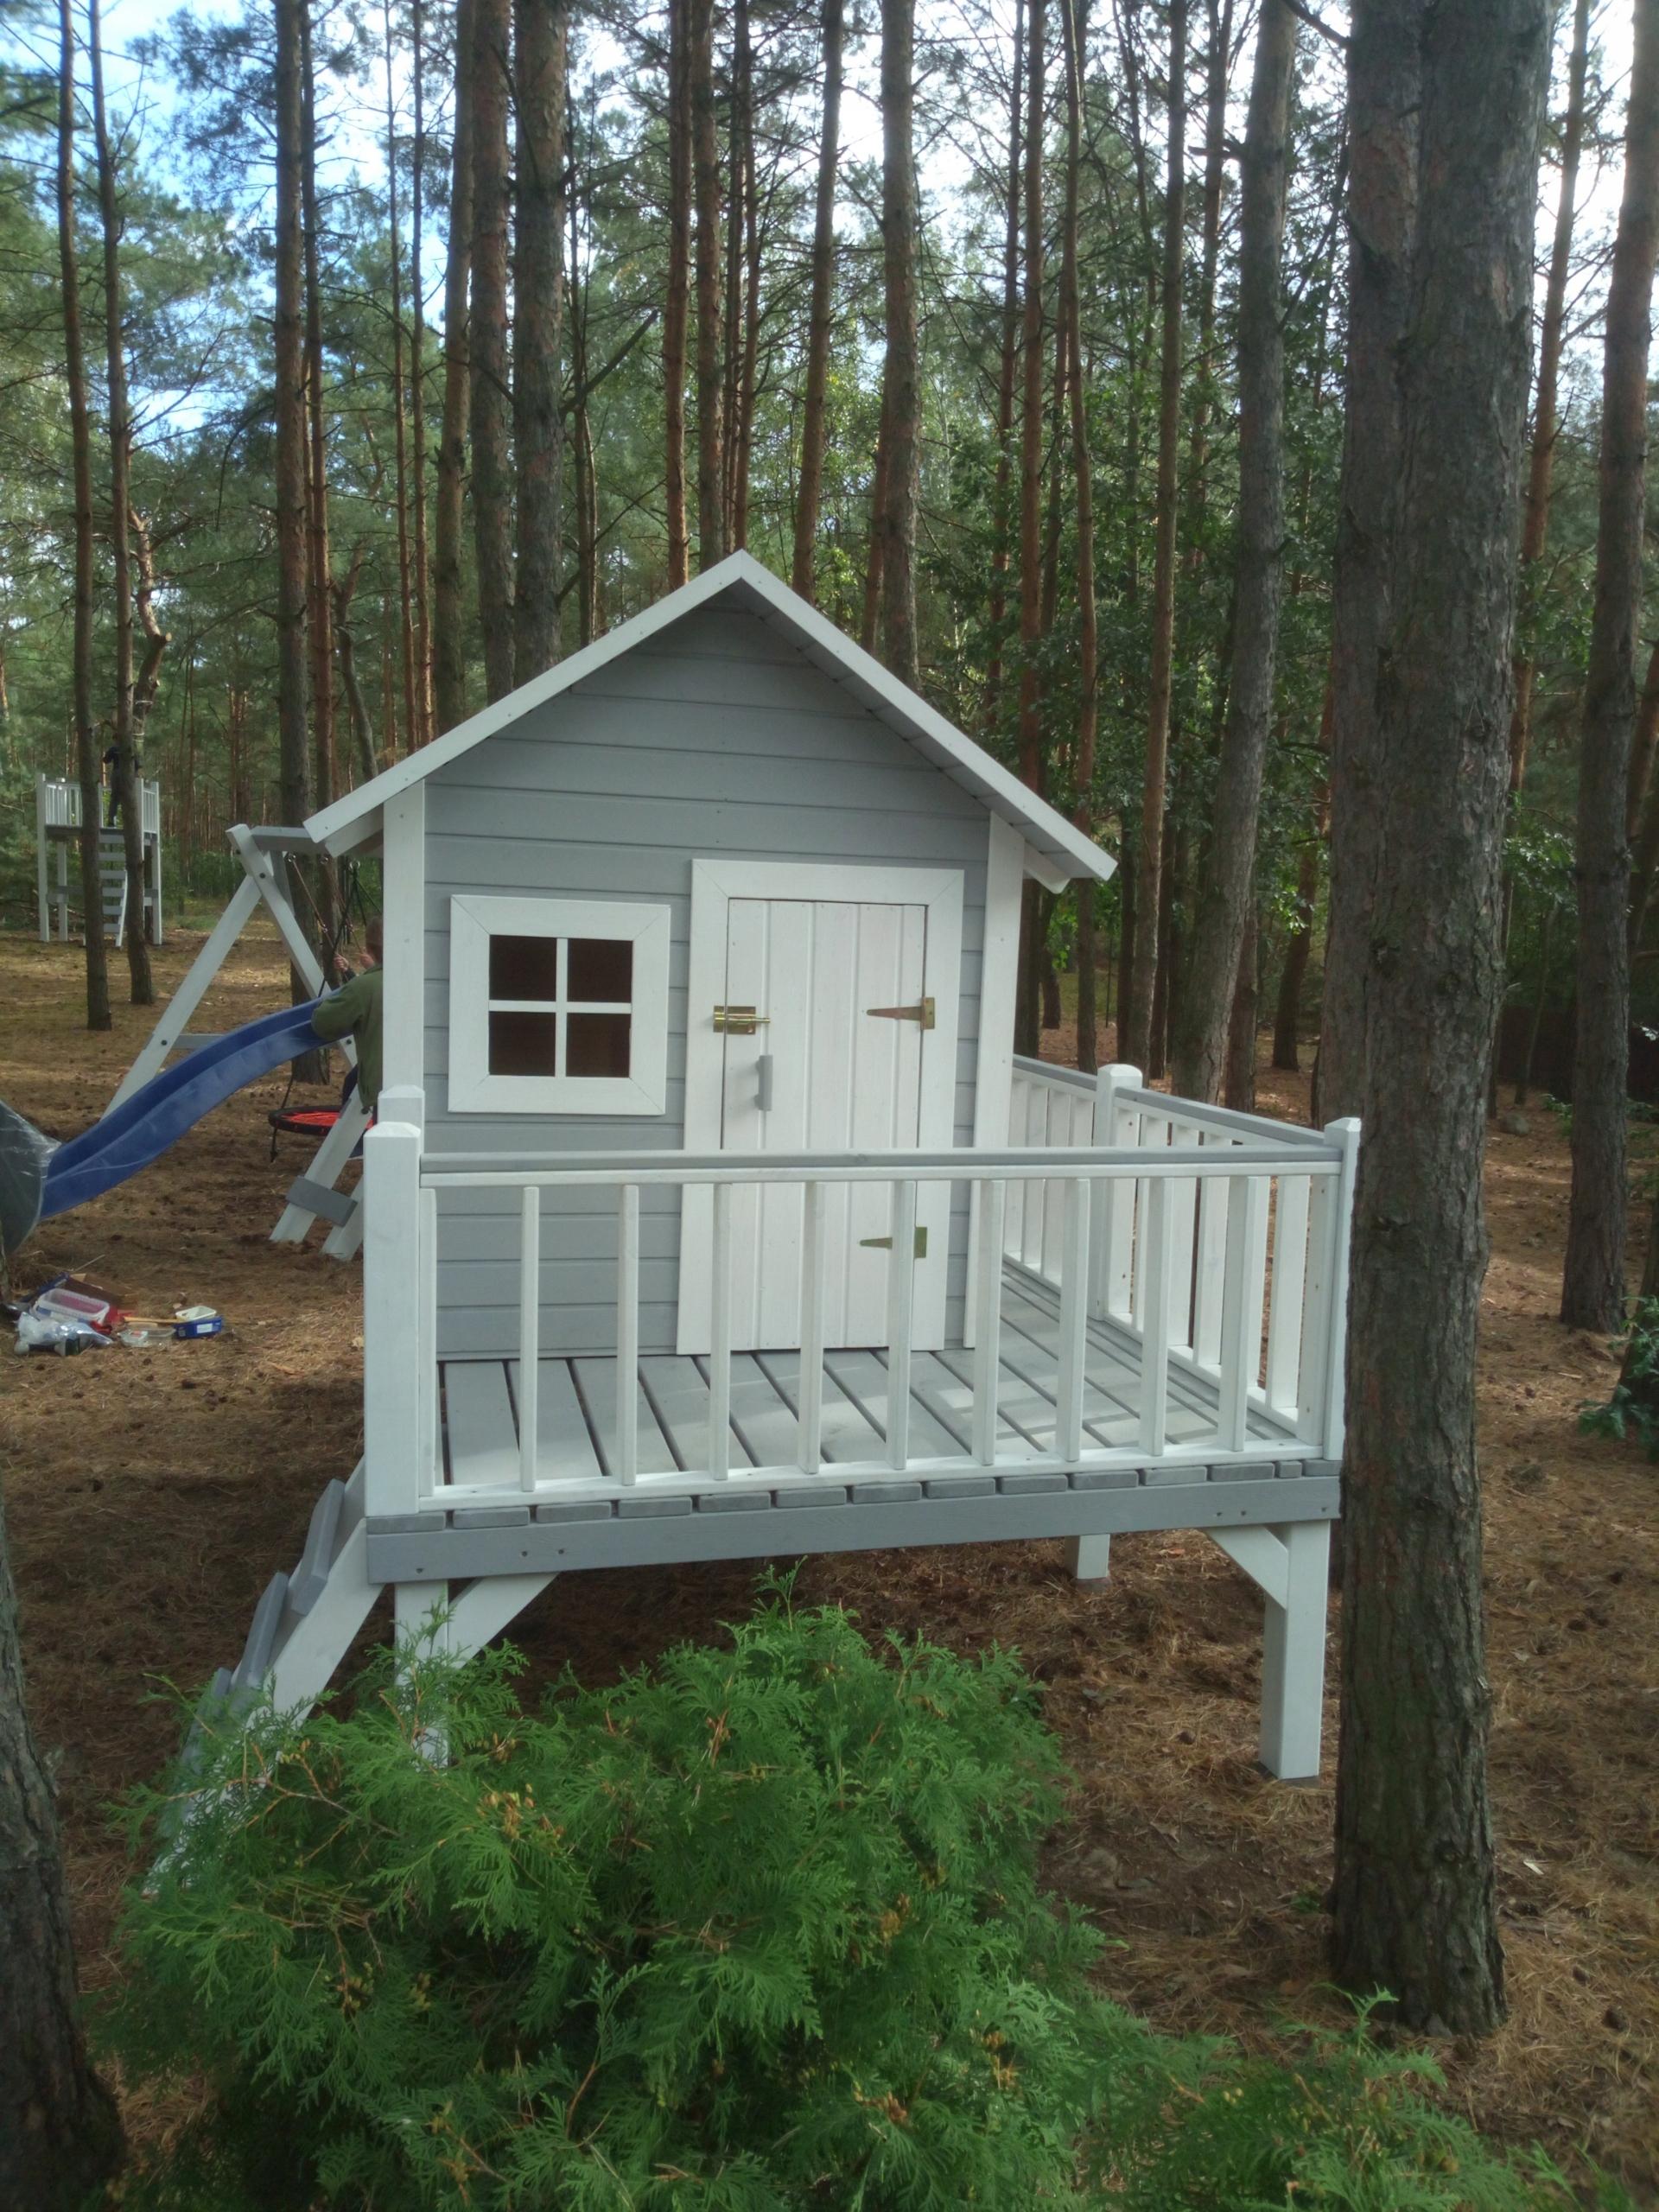 Veľká chata s drevené Ihrisko